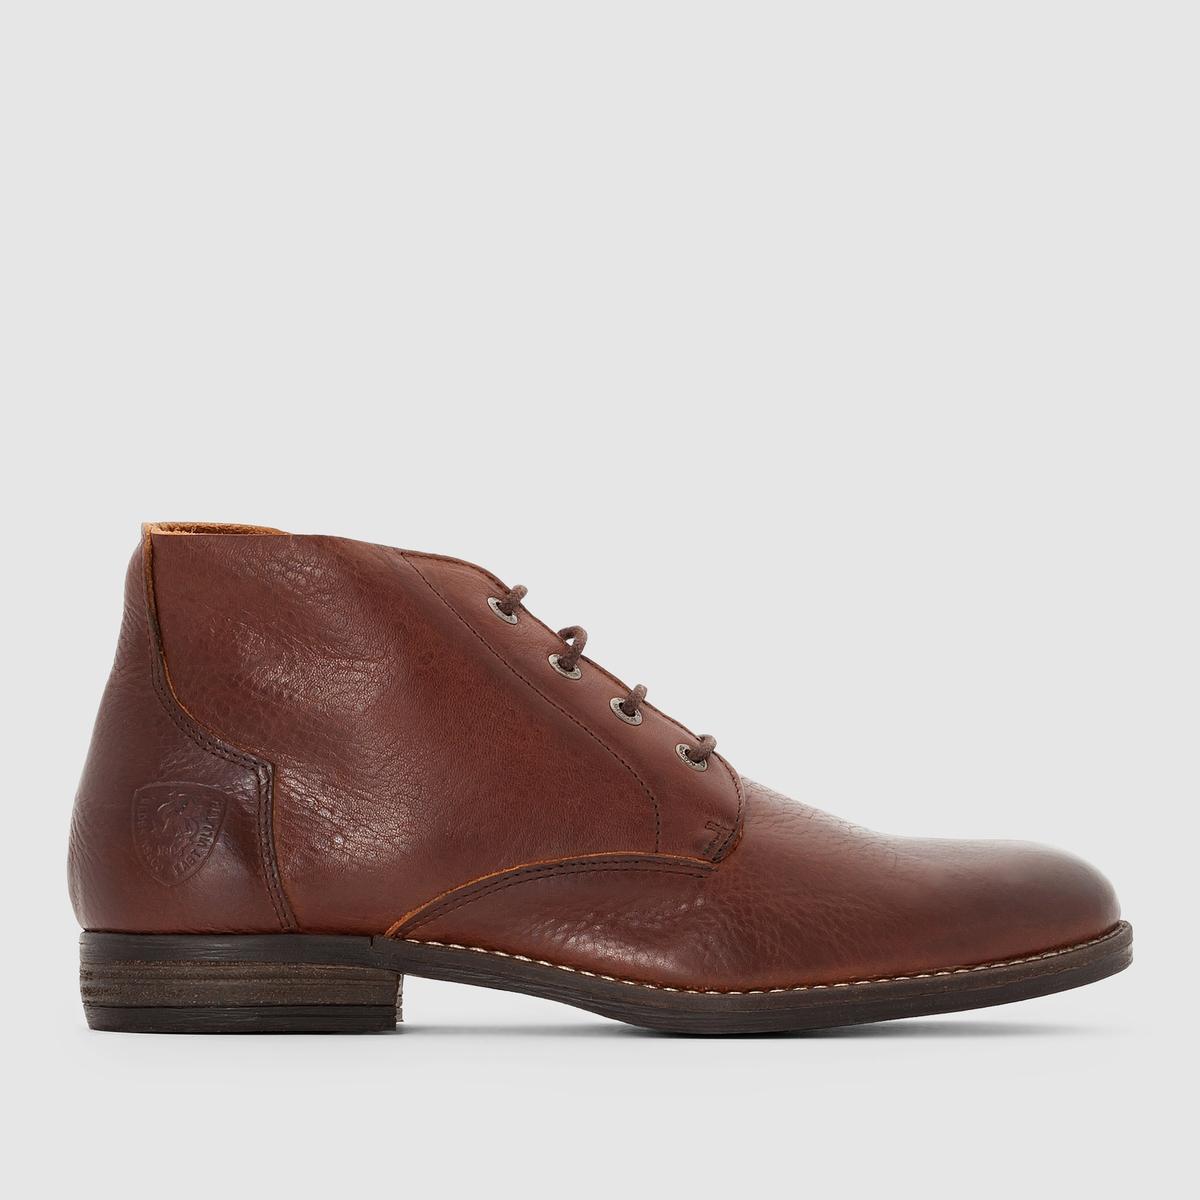 Ботильоны TALSIПодкладка : без подкладки  Стелька : Кожа     Подошва : каучук.     Форма каблука : Плоский каблук     Носок : Закругленный.      Застежка : шнуровка.<br><br>Цвет: коньячный<br>Размер: 45.44